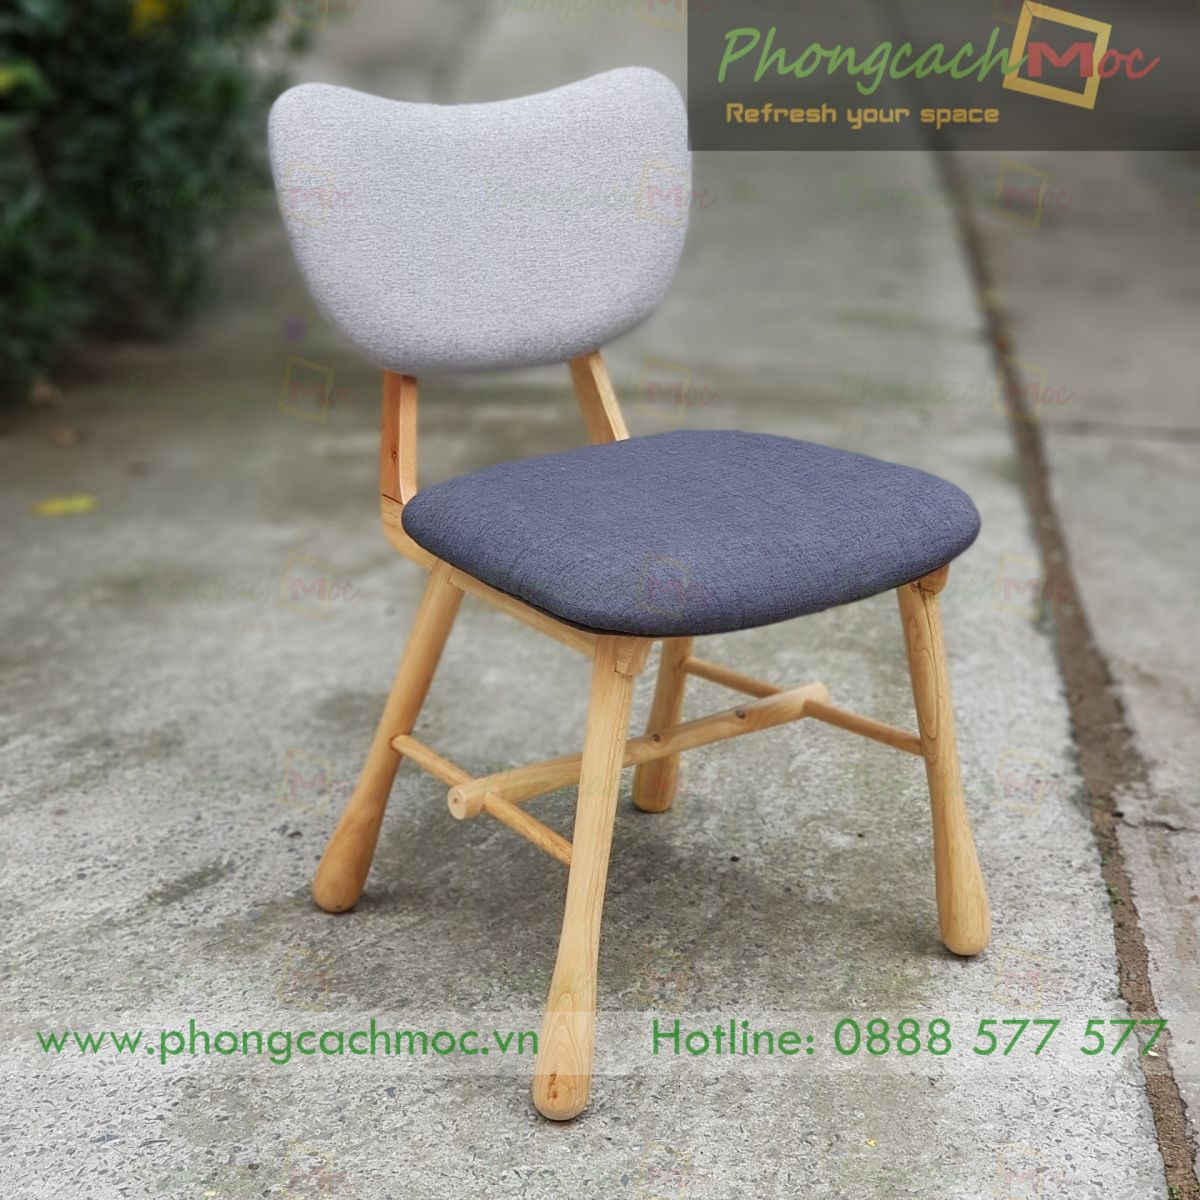 mẫu ghế cà phê khung gỗ kết hợp nệm sofa cao cấp